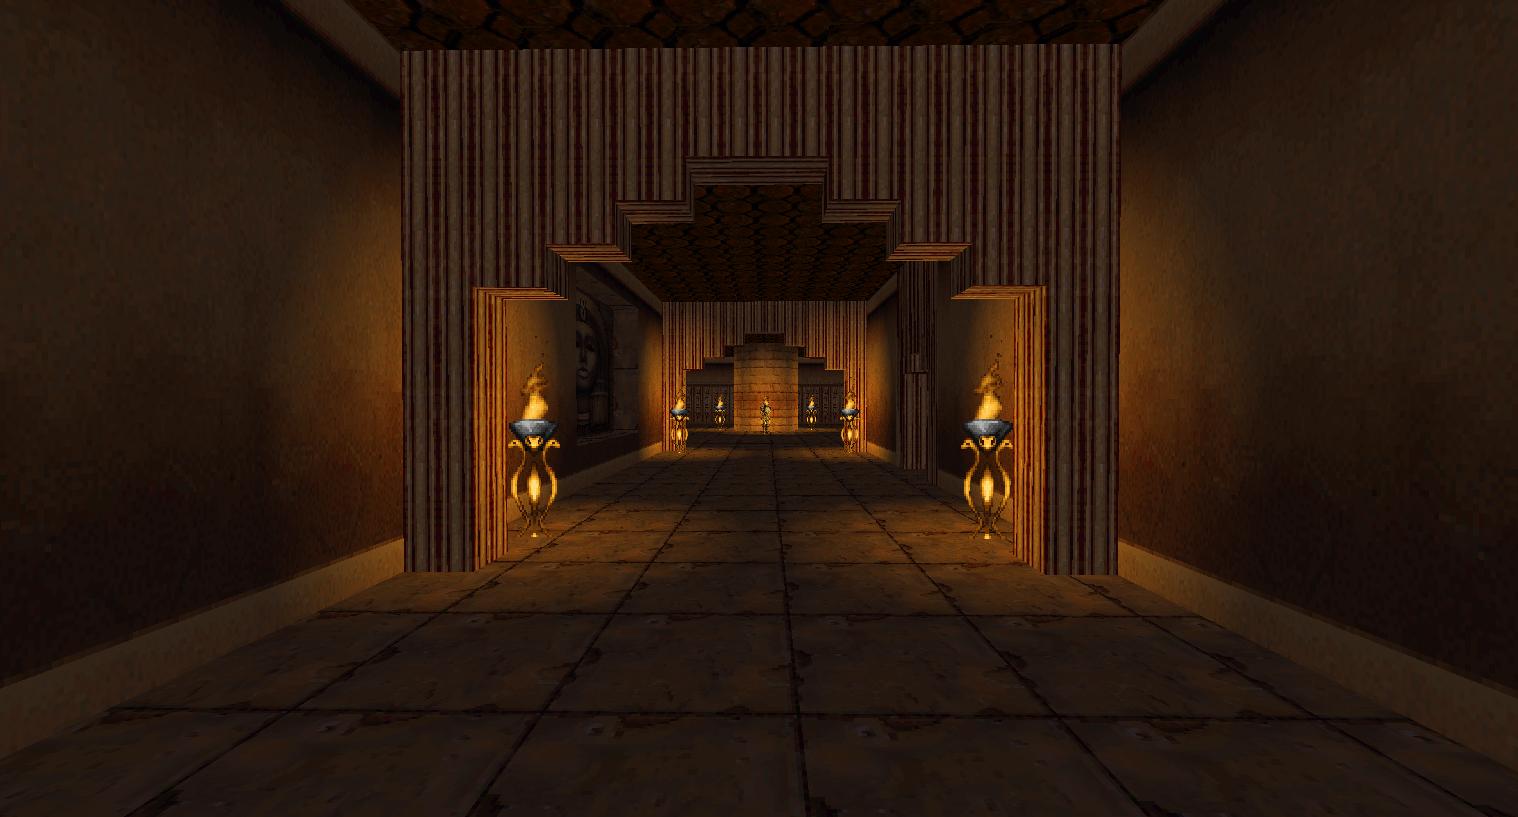 Screenshot-Doom-20200820-001627.png